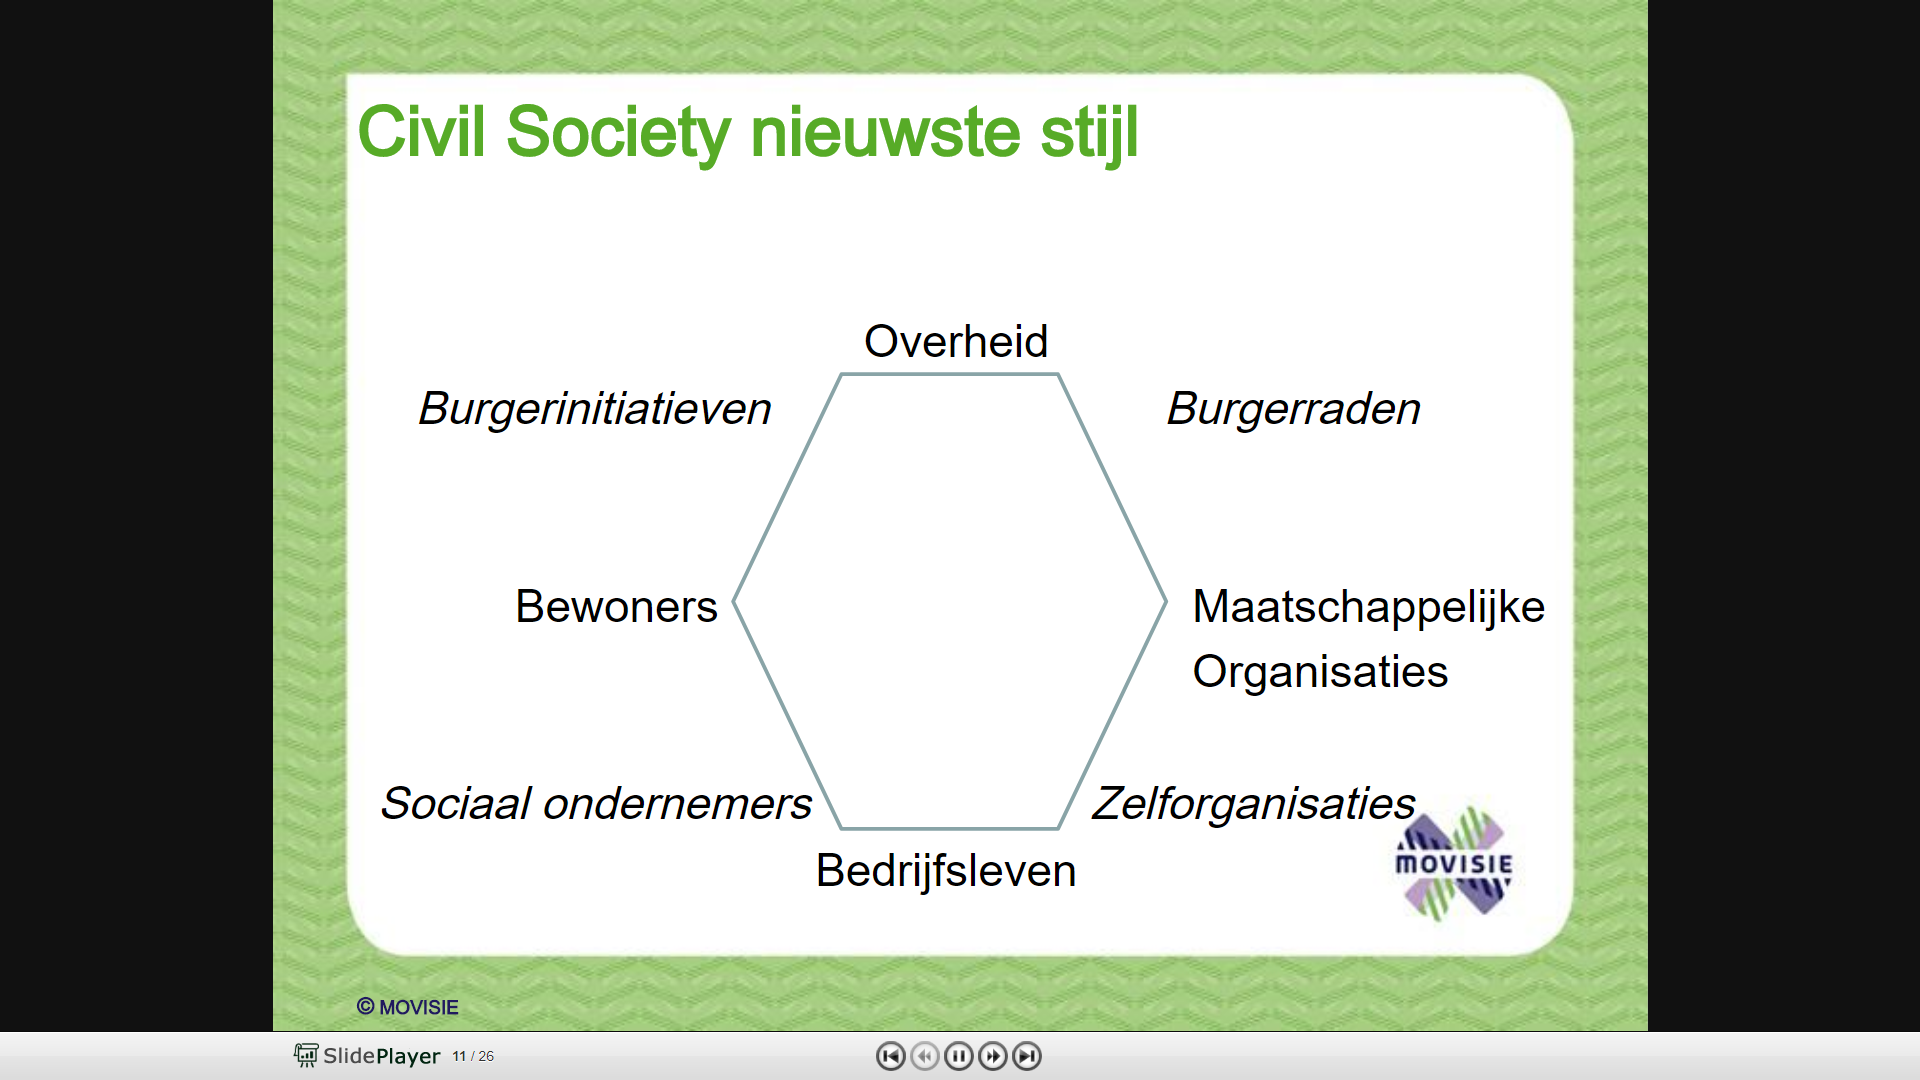 Civil society nieuw